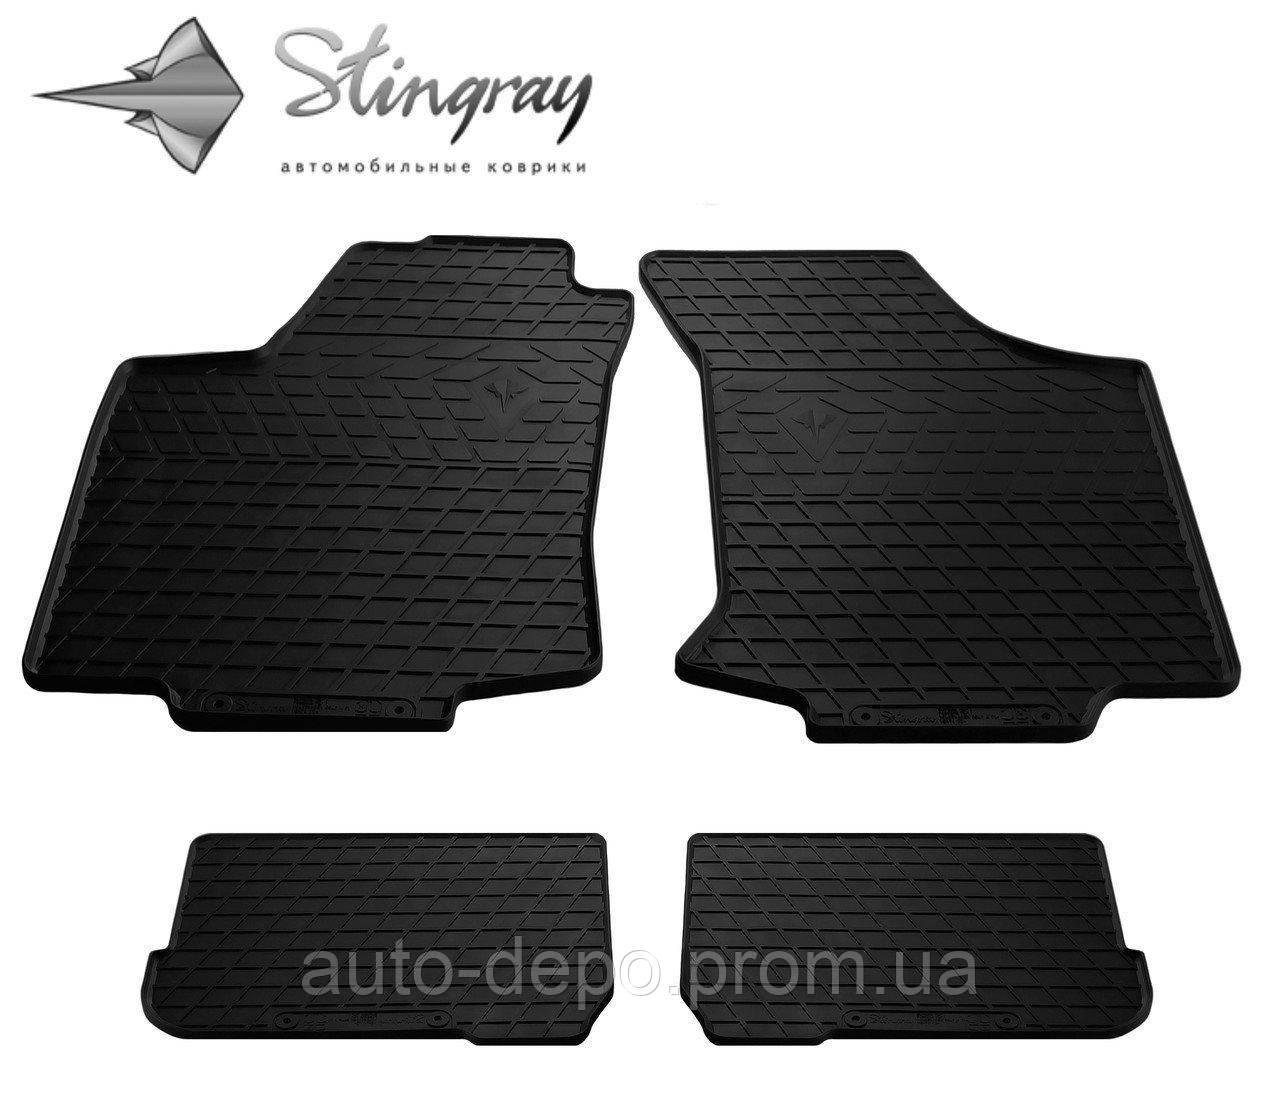 Коврики автомобильные для Volkswagen Golf III 1991- Stingray